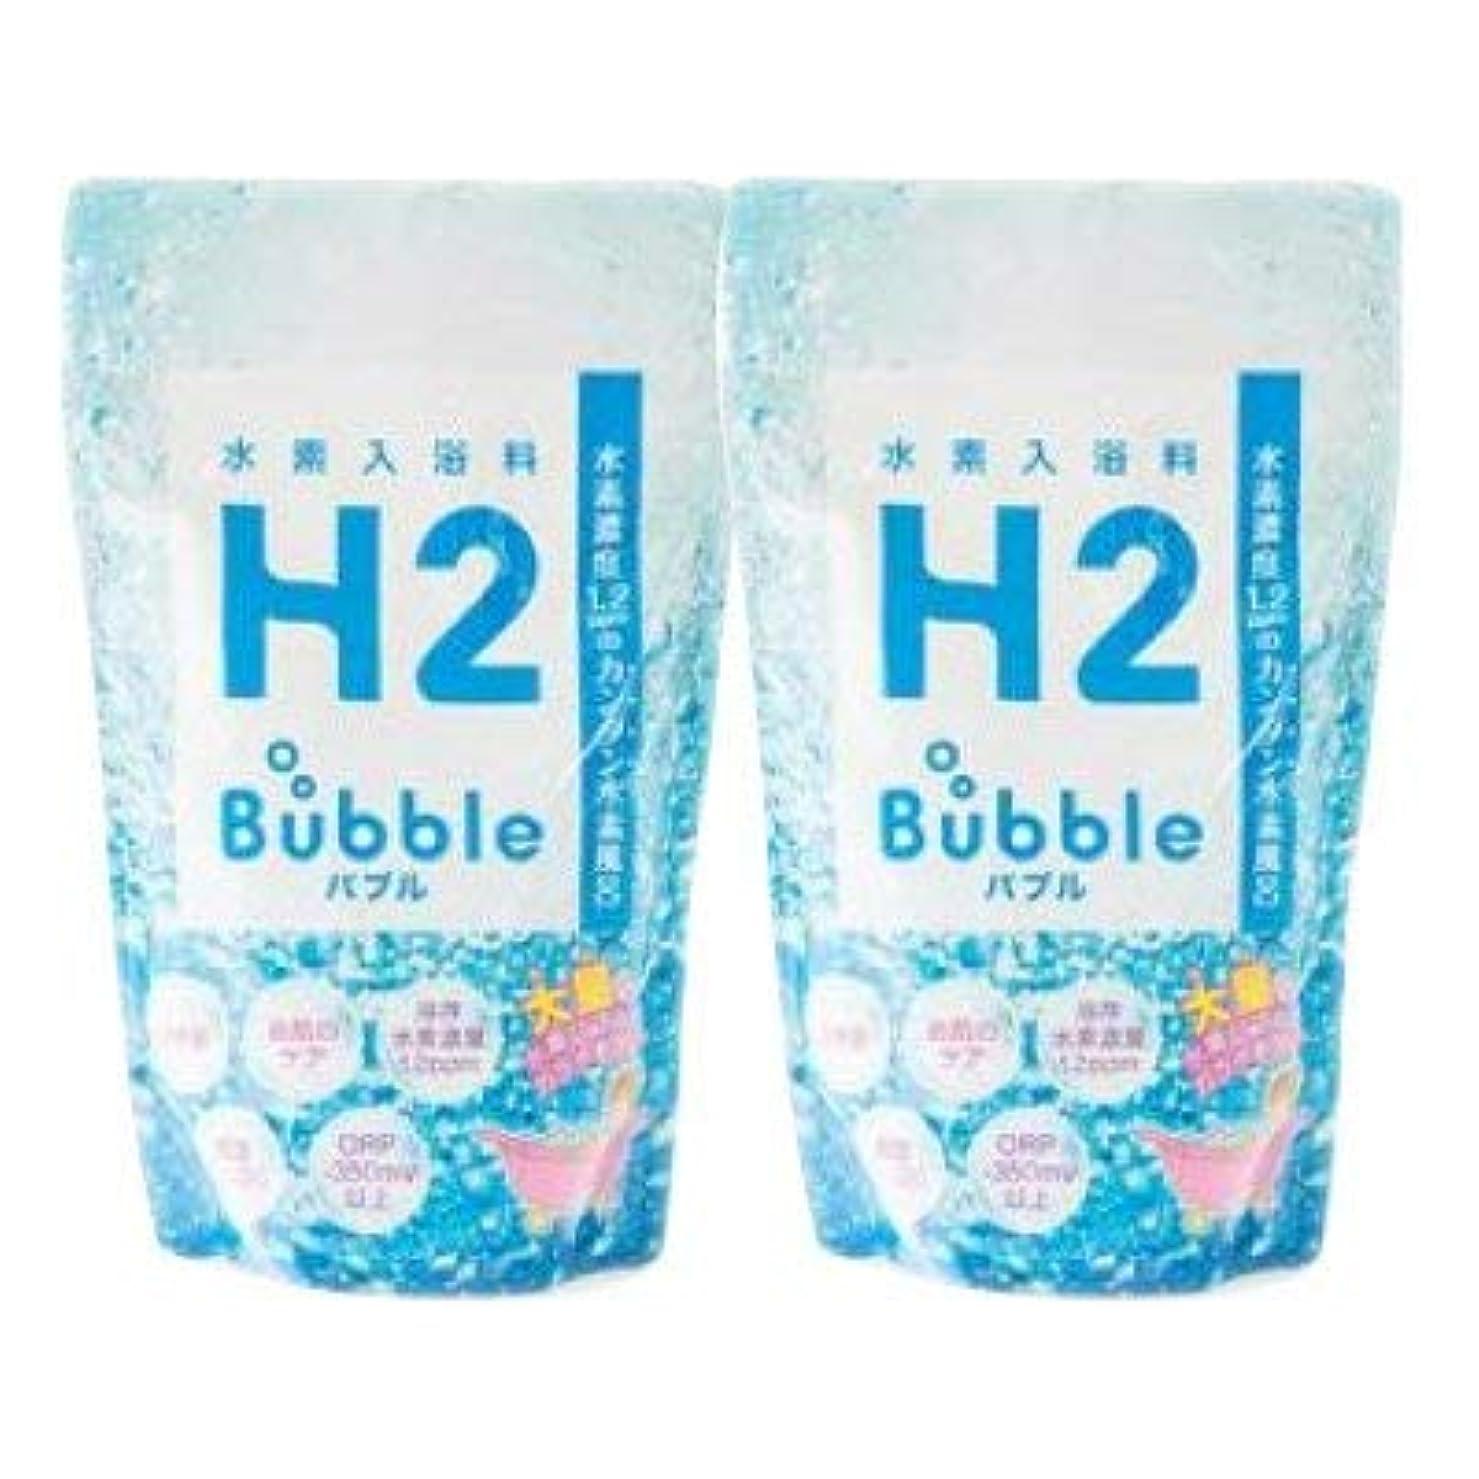 ケーブルカー桃木水素 入浴剤 水素 風呂 水素バス【H2バブル h2bubble 700g(約1カ月分)×2袋セット】